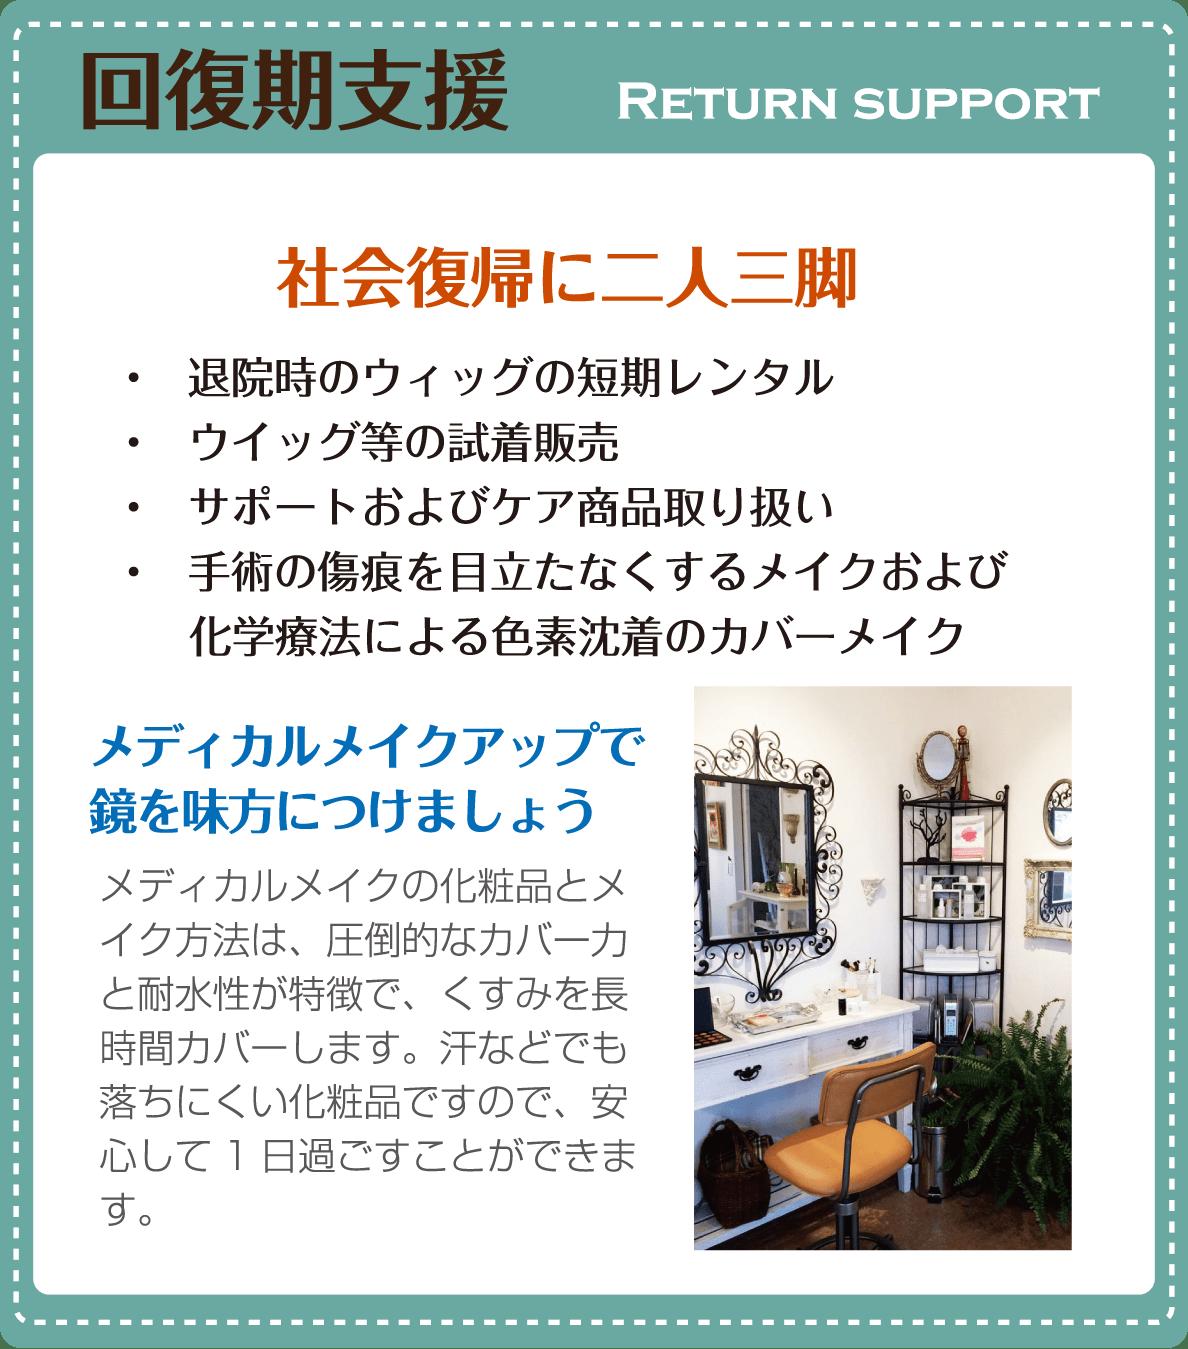 回復期支援